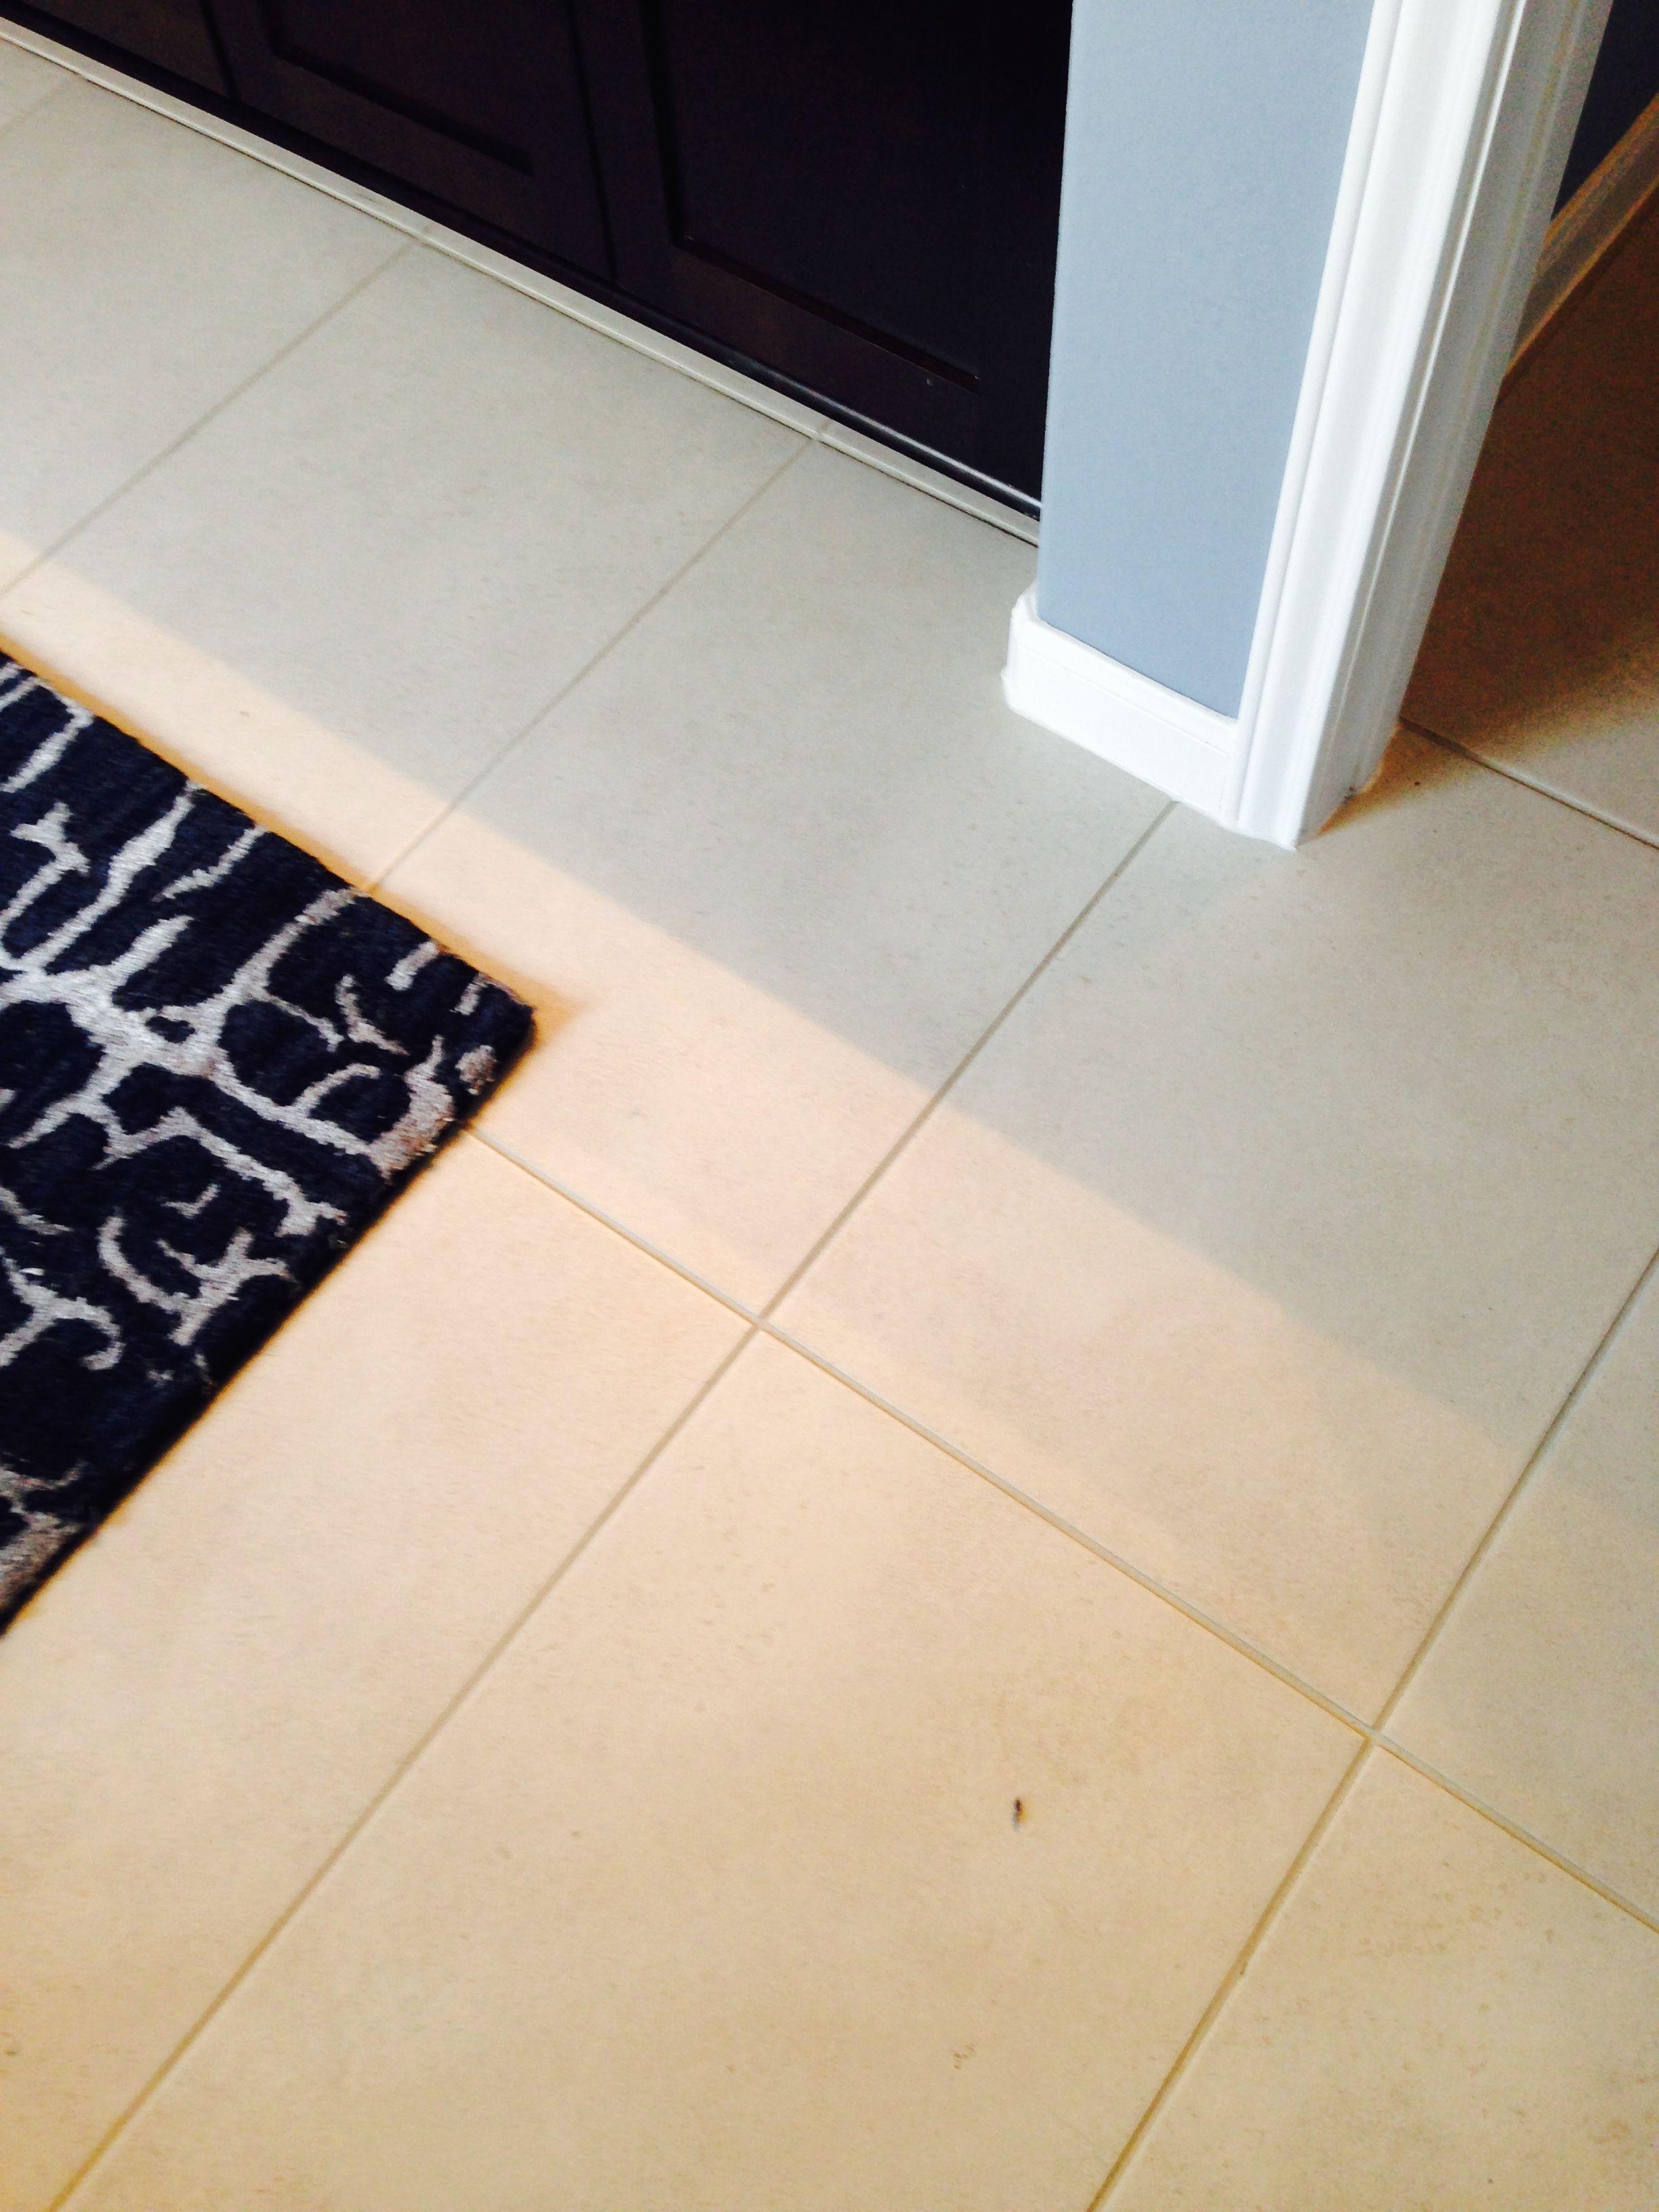 18x24 ceramic floor tile | deco options | Pinterest | Ceramic floor ...